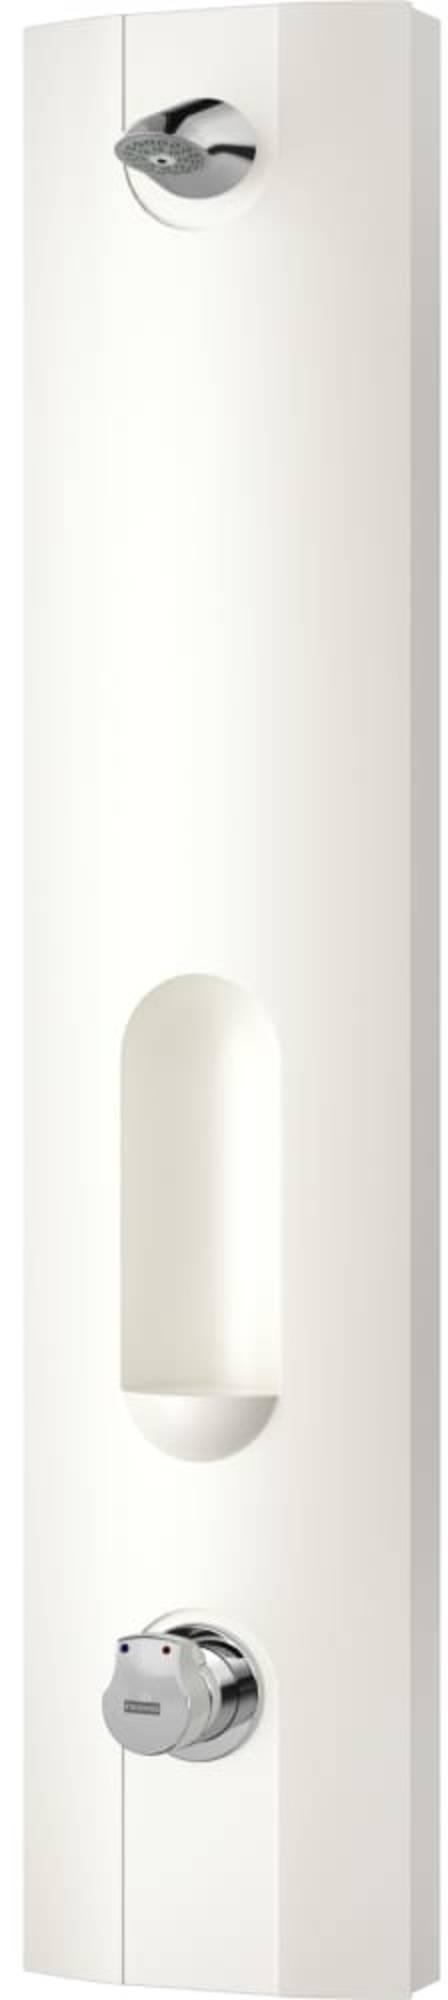 Franke Aquamix douchepaneel 742 met Nis 25x88x116 cm Wit